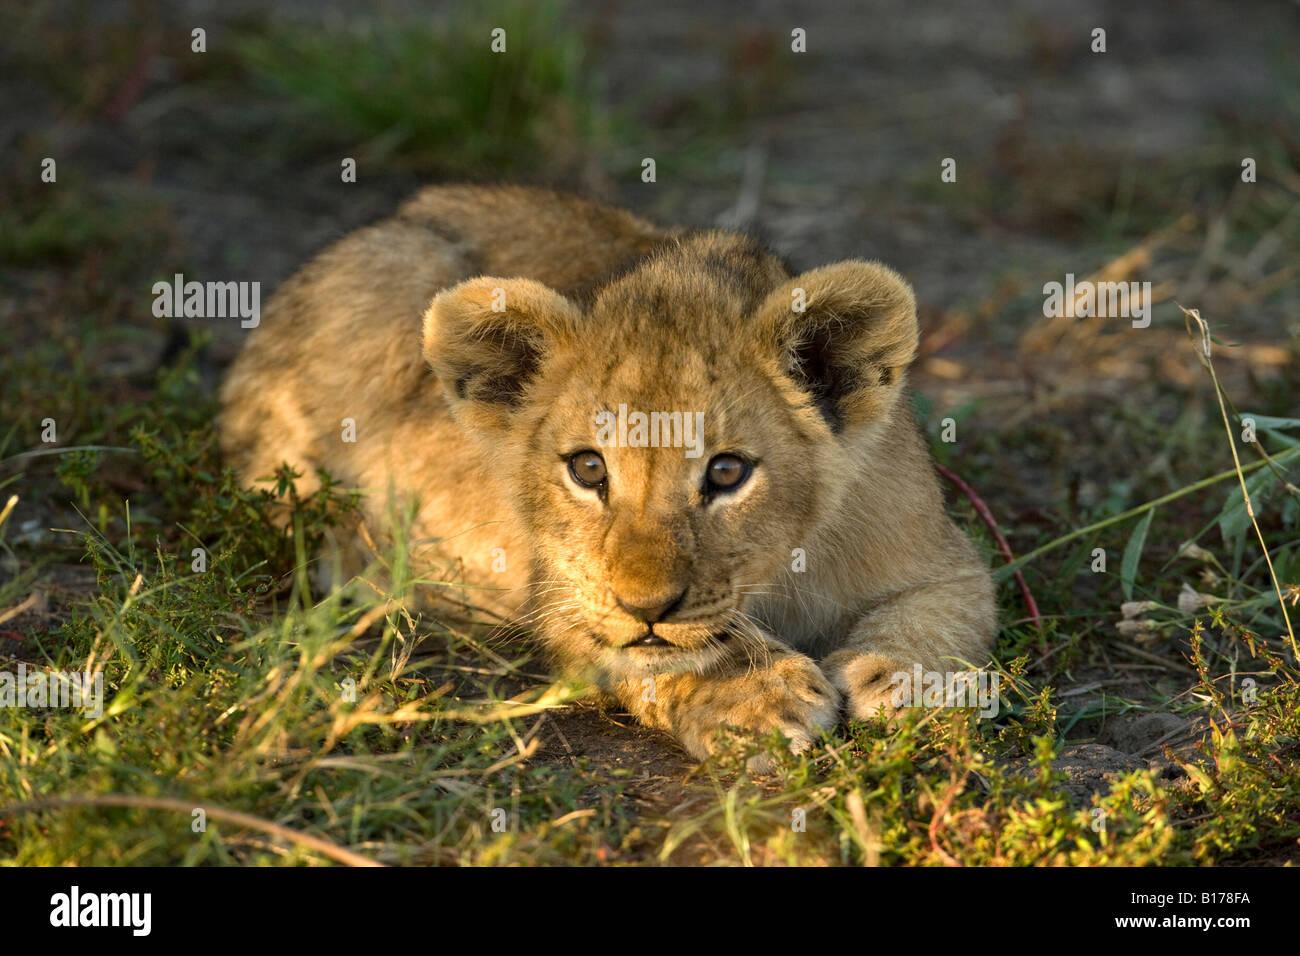 Closeup wild bebé cachorro de león, lindo y juguetón alerta inocente rostro iluminado por el sol tumbado en la hierba paws juntos listos para abalanzarse Moremi Delta del Okavango Botswana Foto de stock